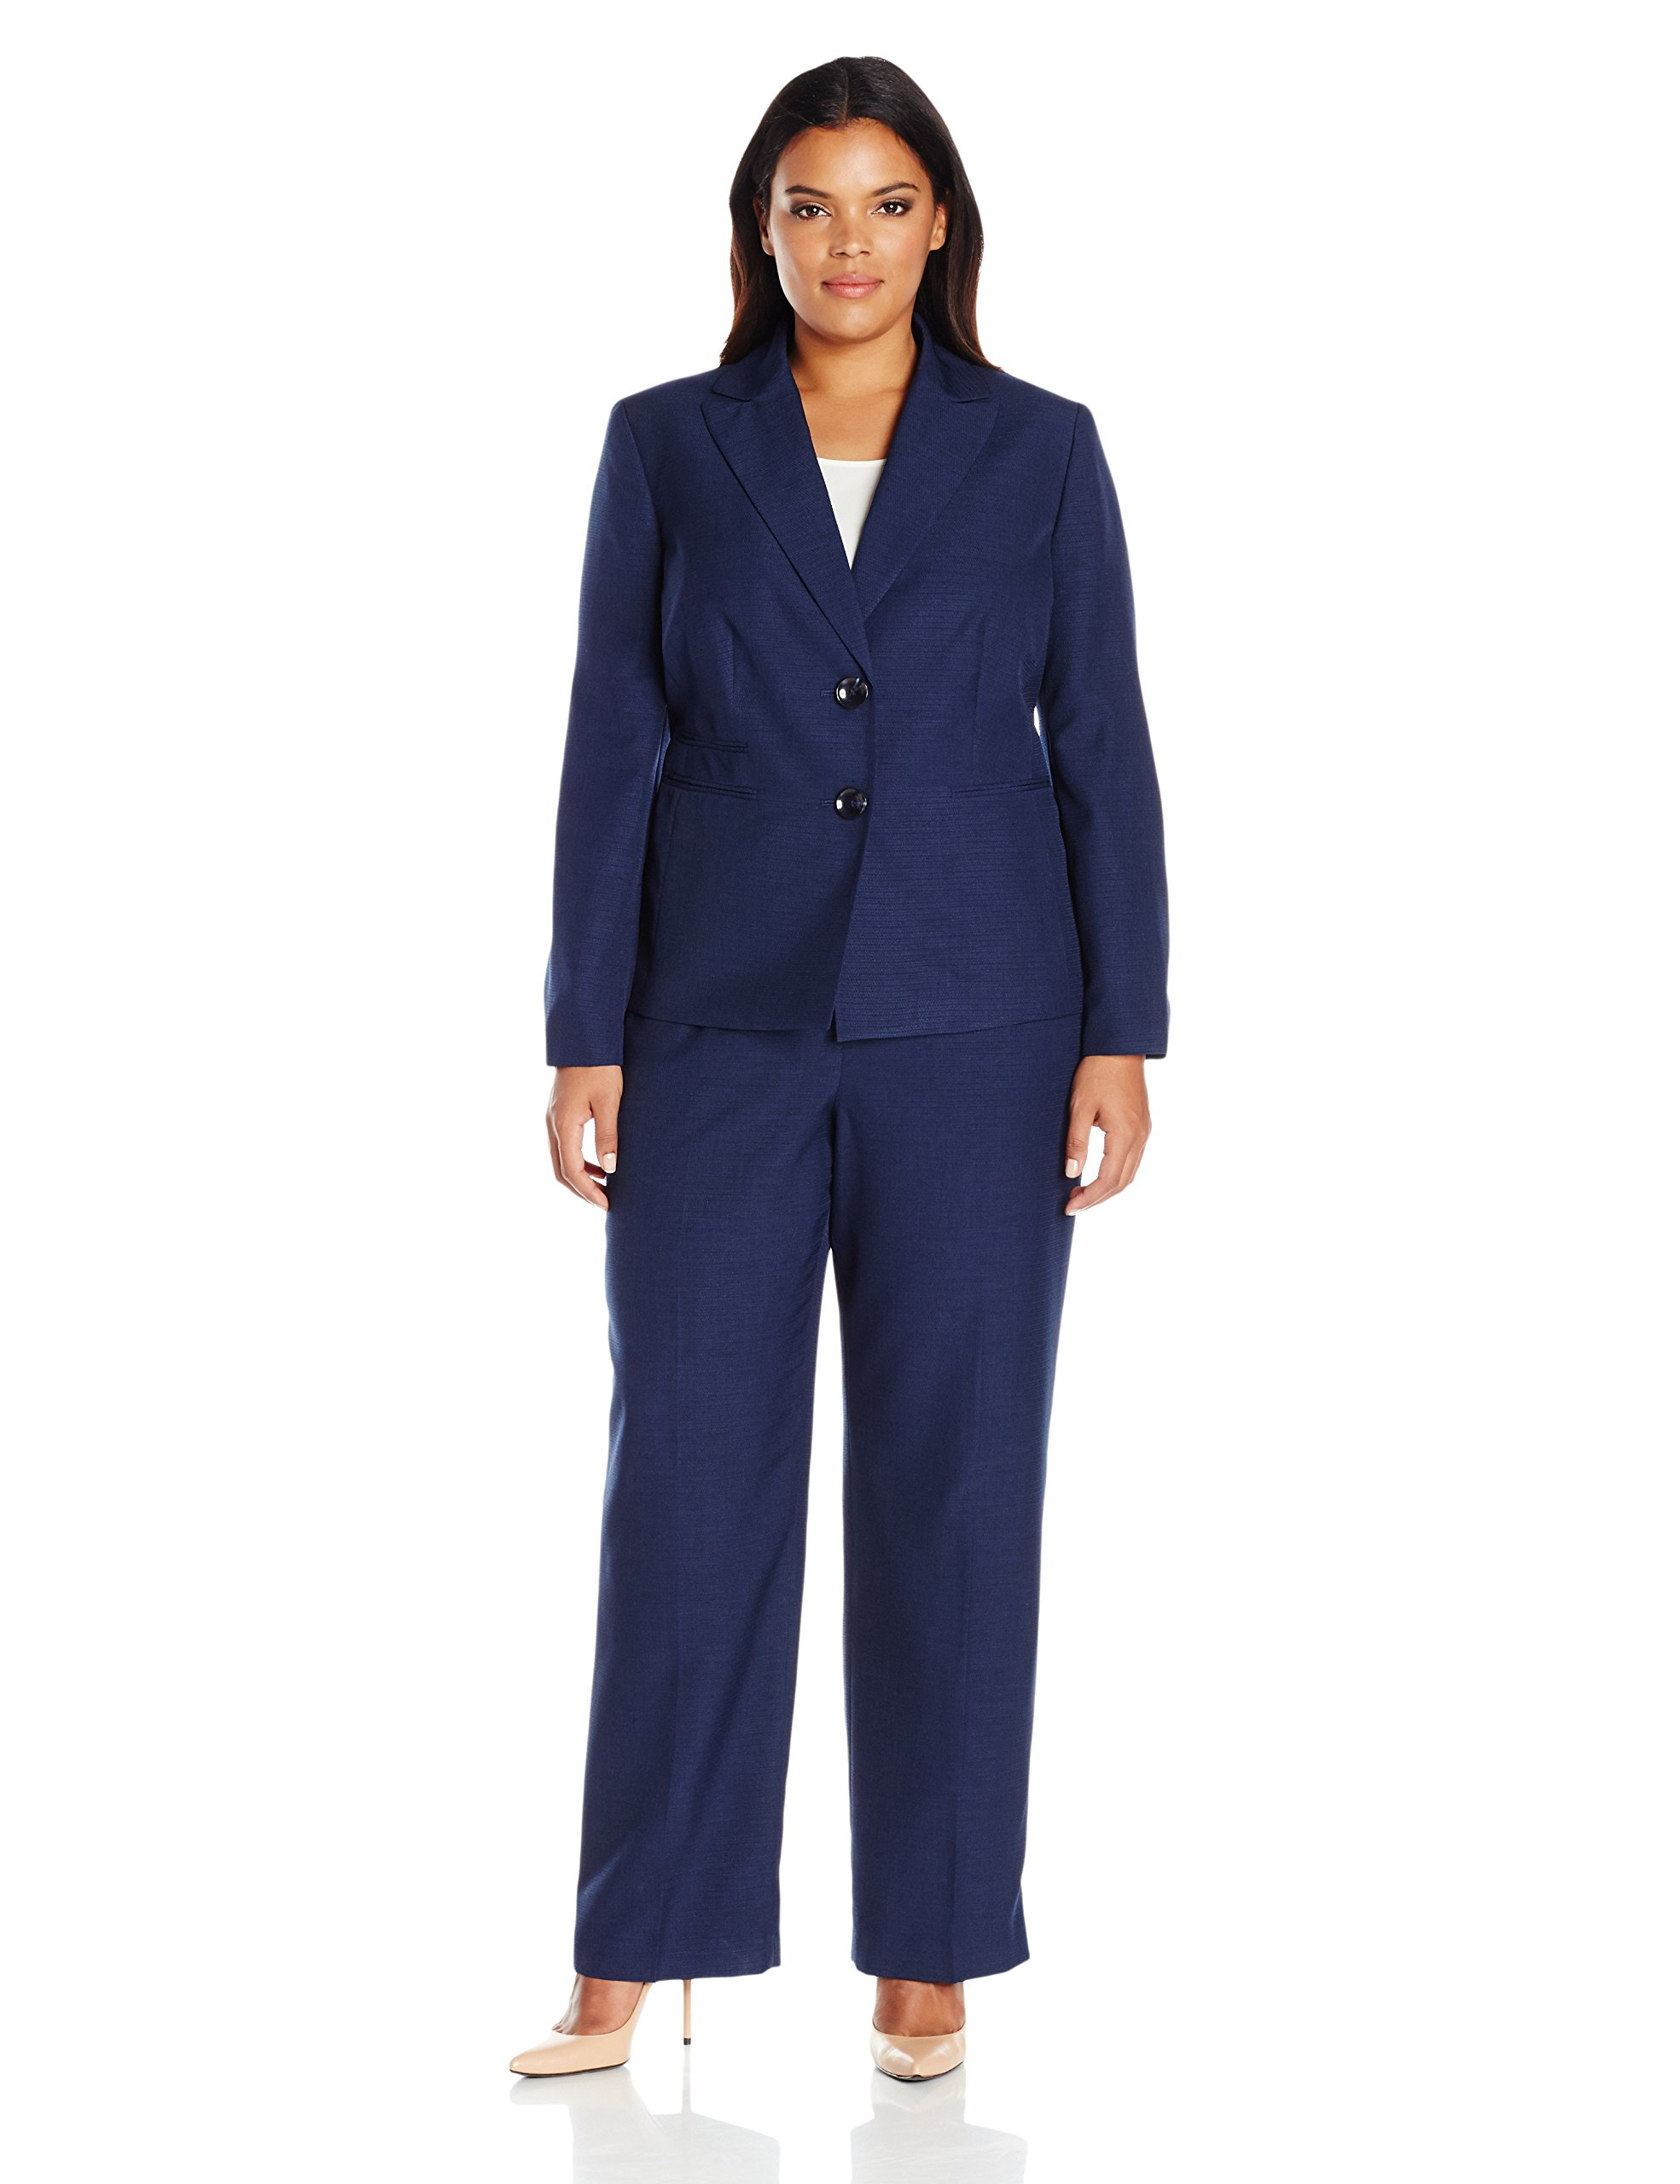 Le Suit Women's Plus Size Two Button Pant Suit, Navy, 18W